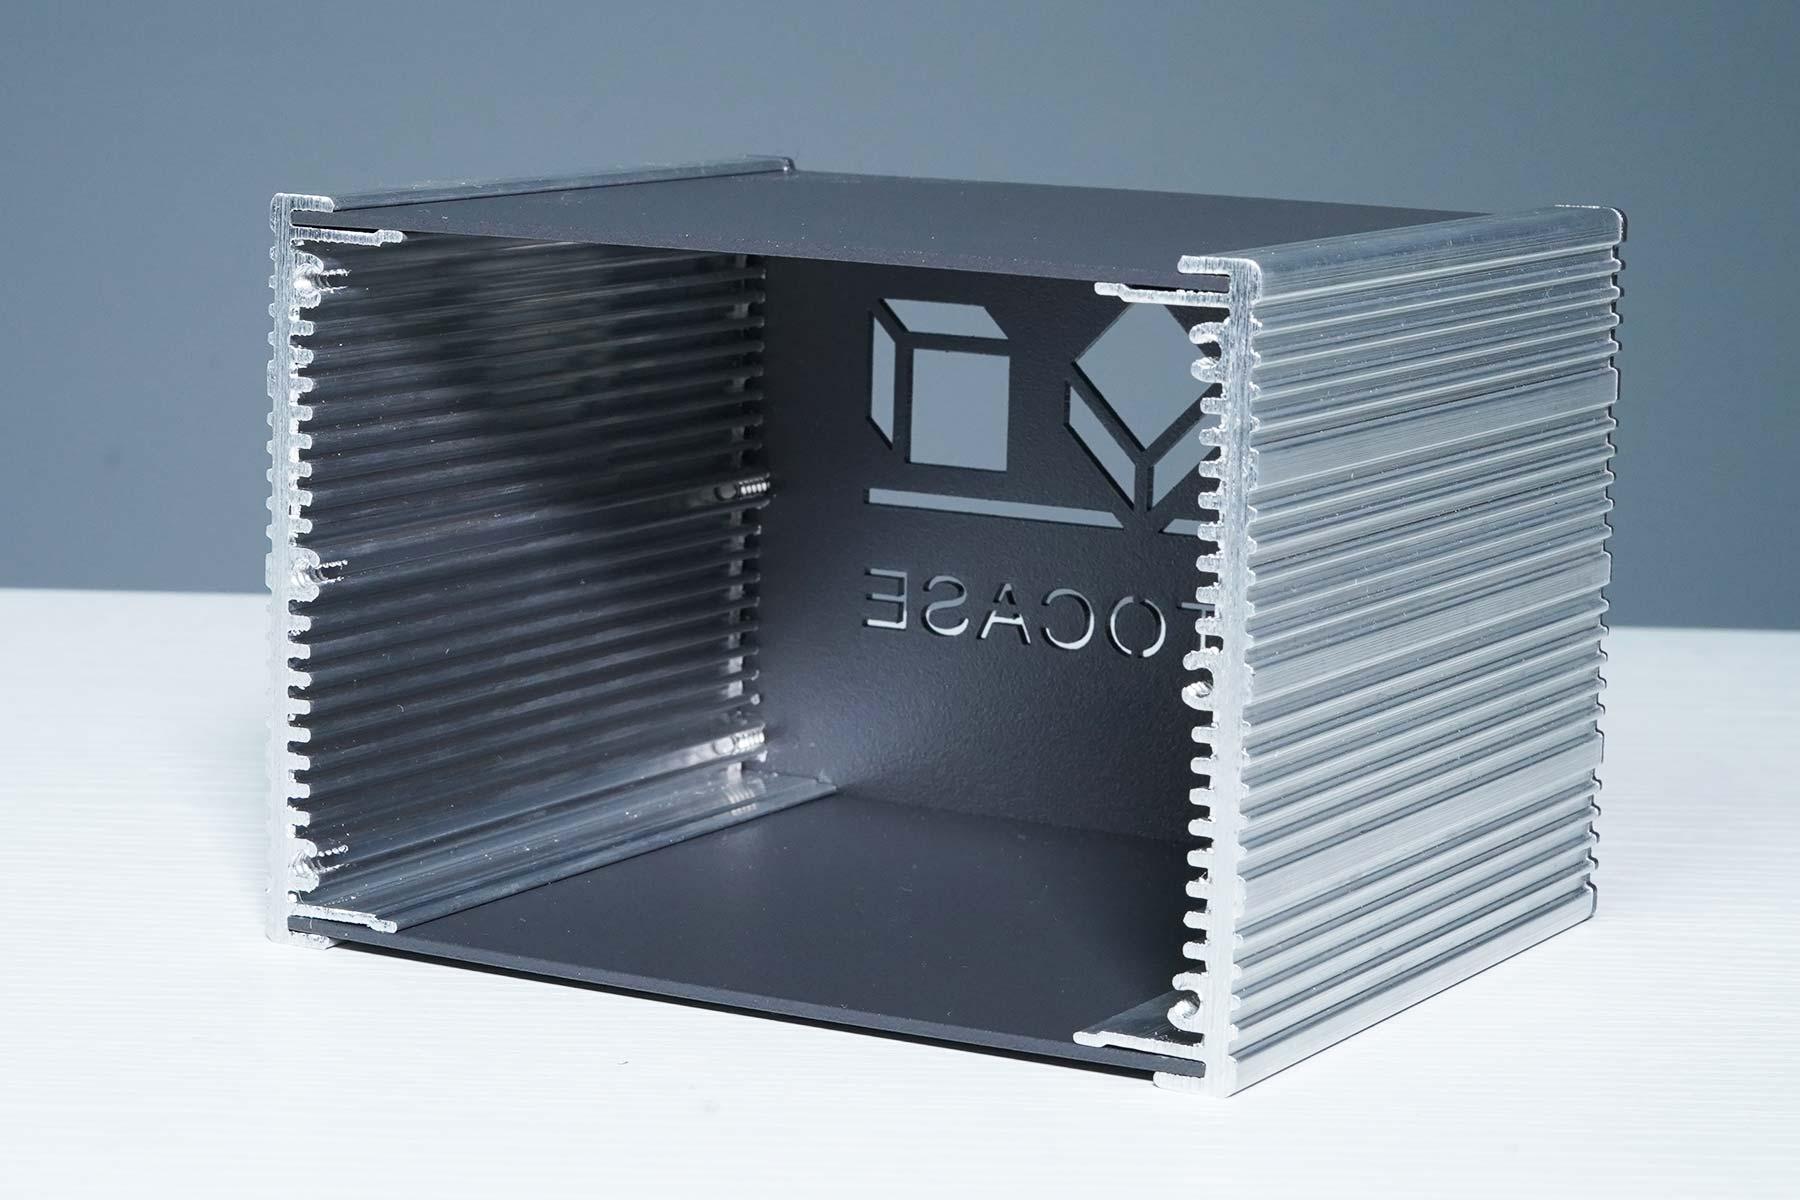 Extruded Aluminum Enclosures, built in 2-3 days